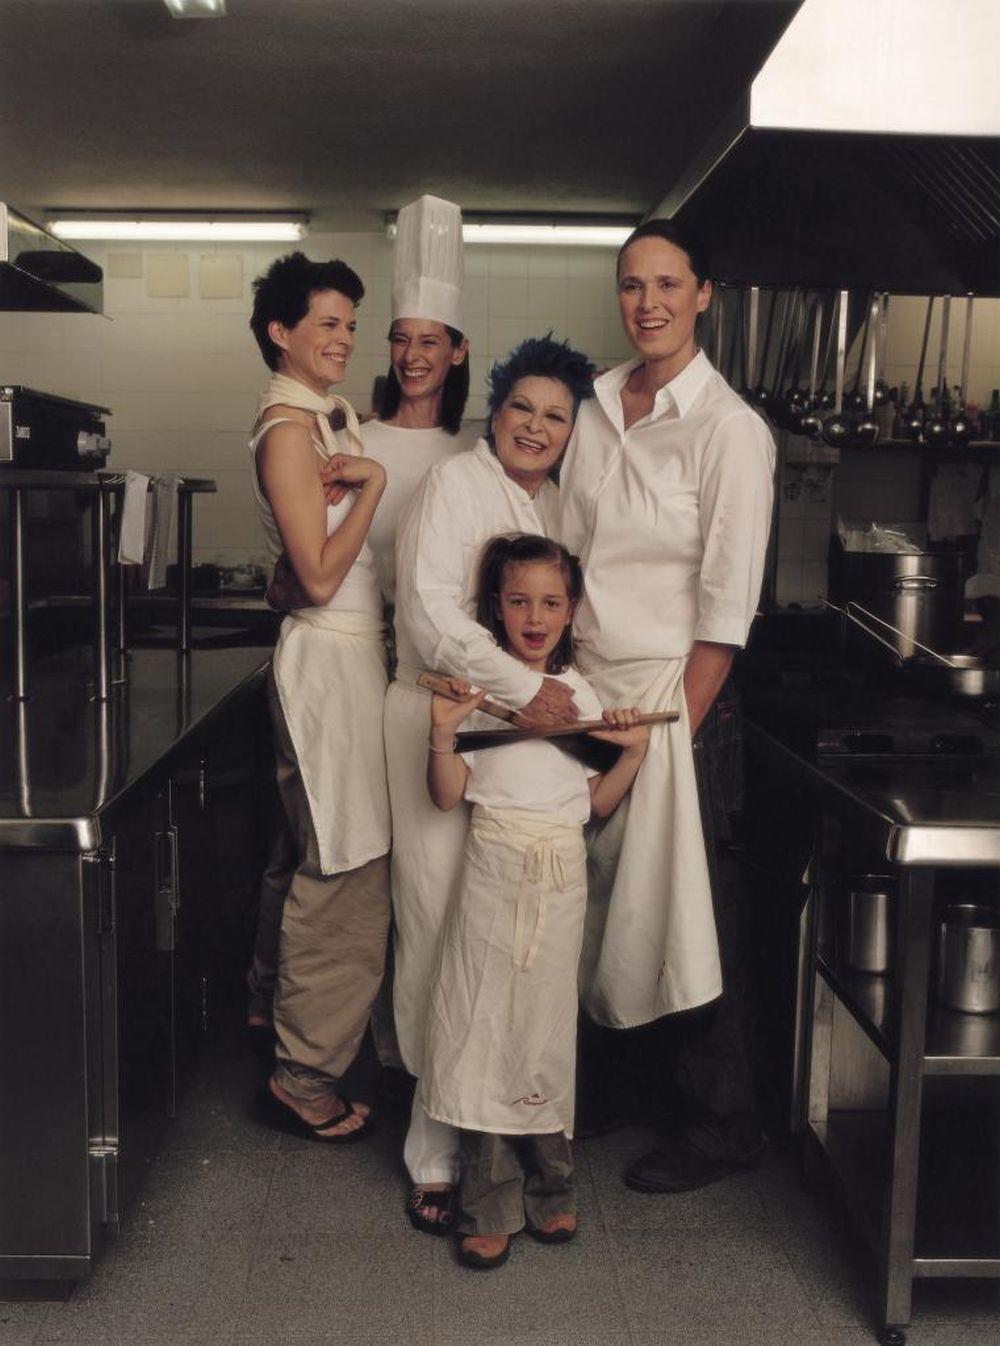 En Rocamador en 2003 y en uno de los reportajes para TELVA con Bimba Bosé, Lucía Bosé (madre e hija), Paola Dominguín y Palito.